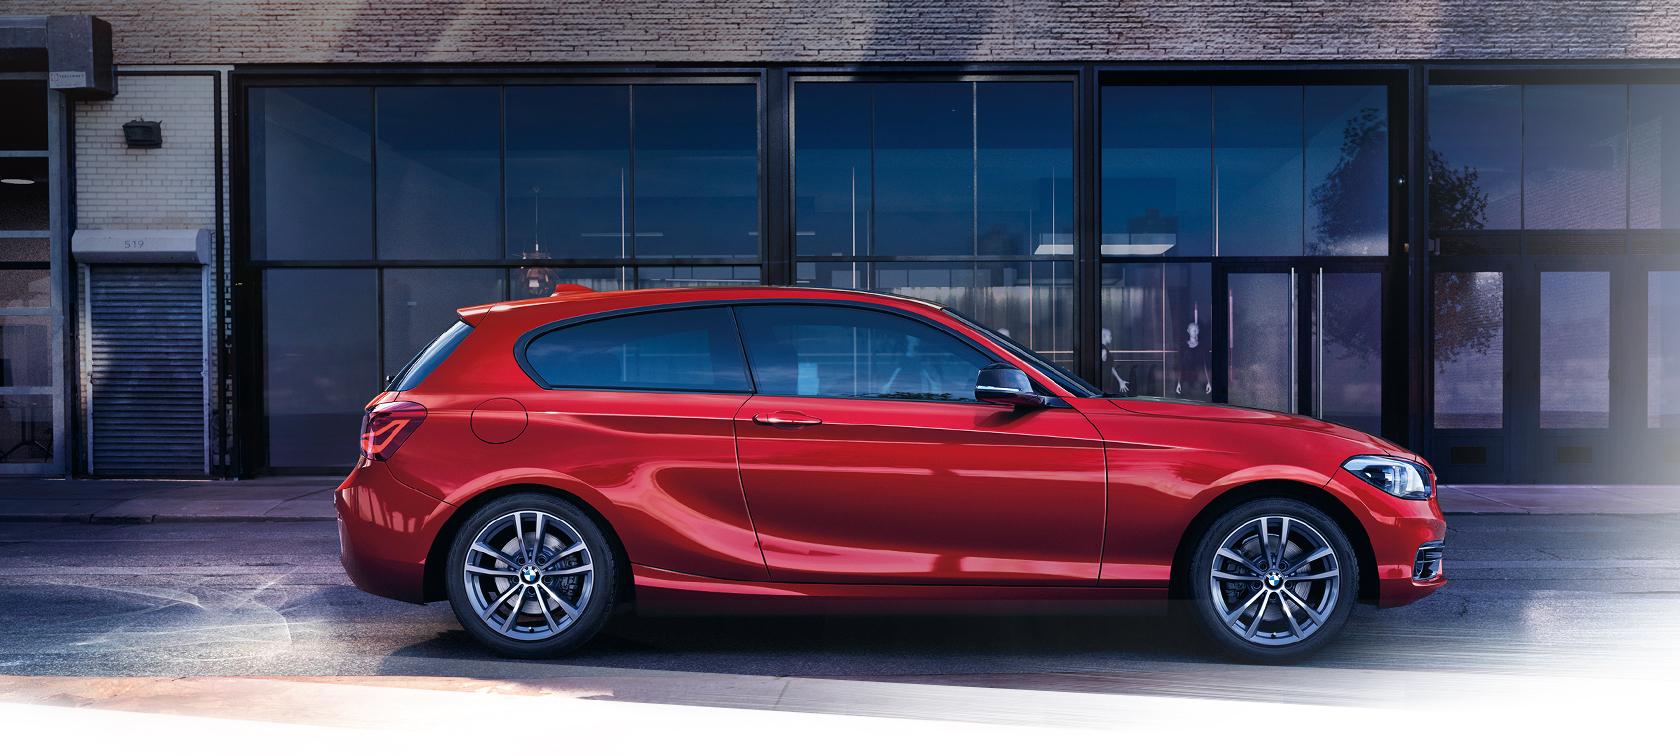 & BMW 1 Series 3-door : Design